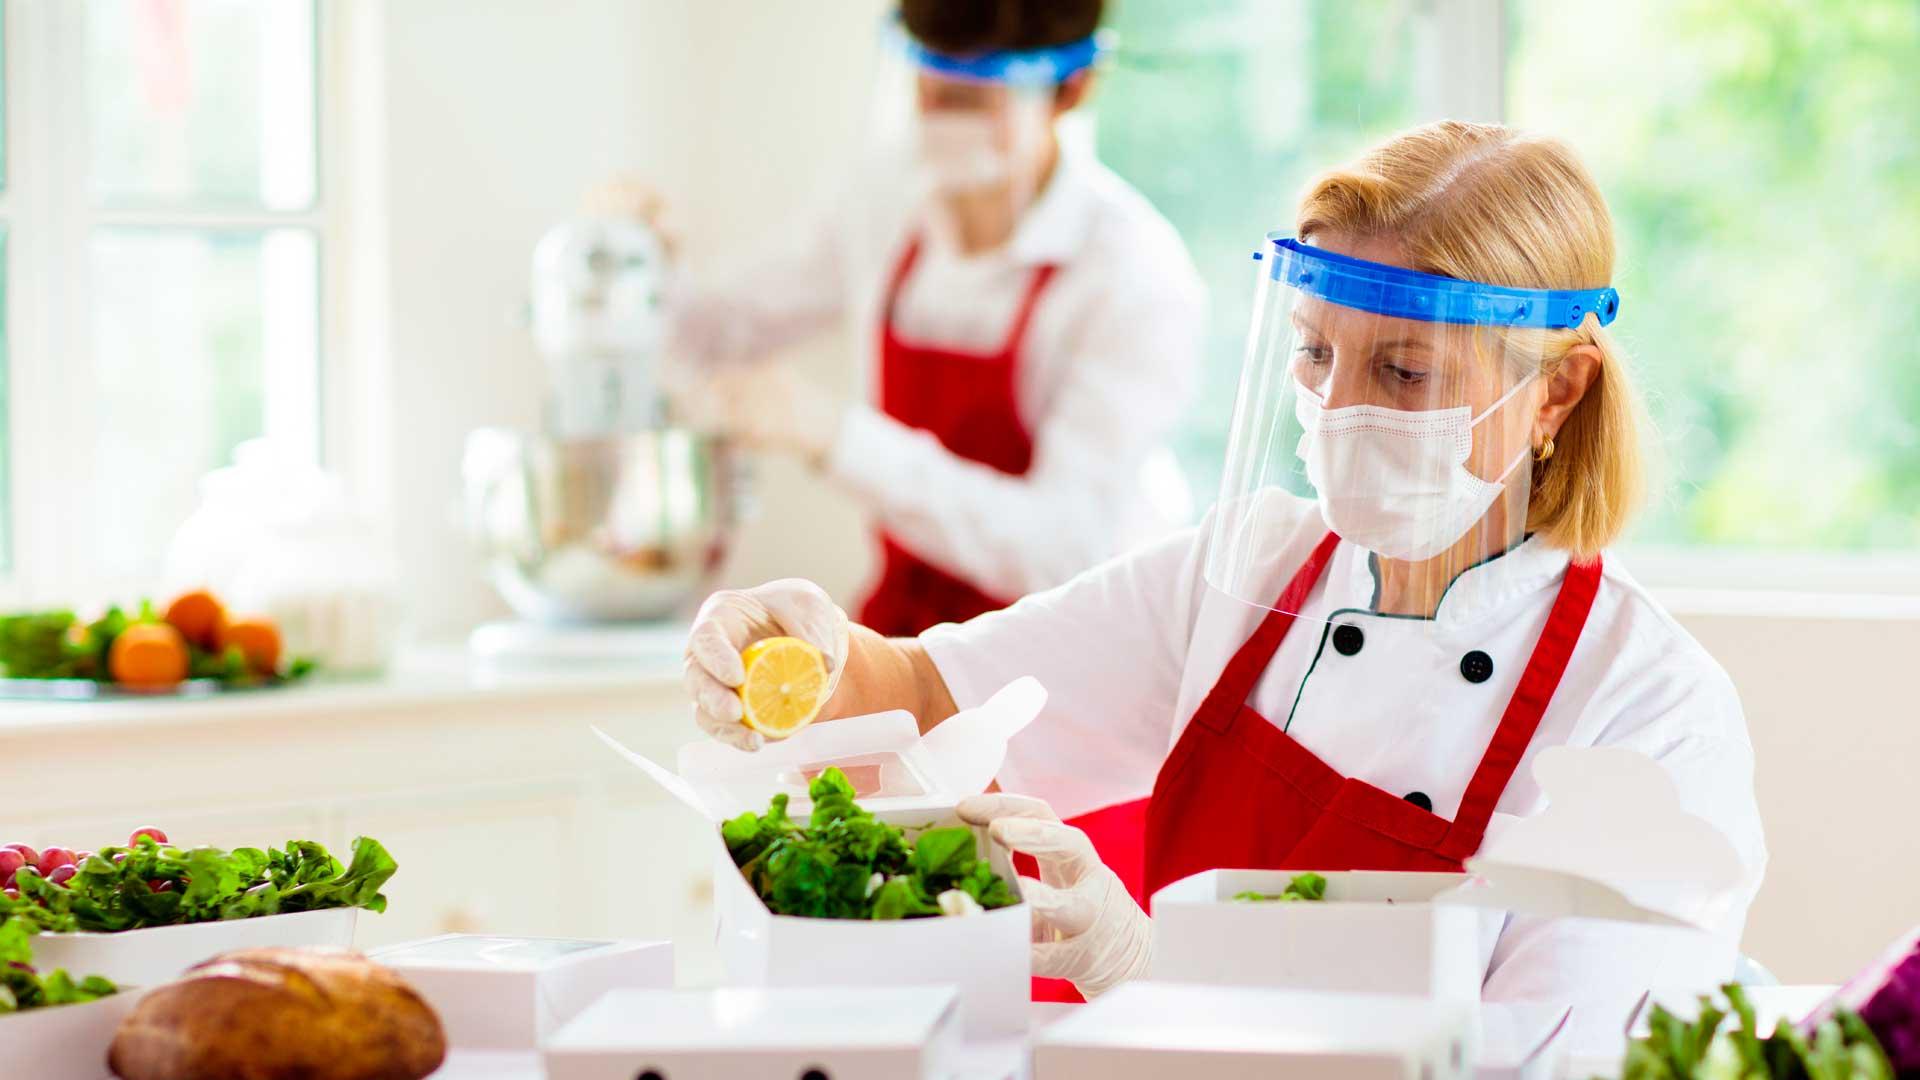 ¿Cómo han sobrevivido los restaurantes durante la pandemia?